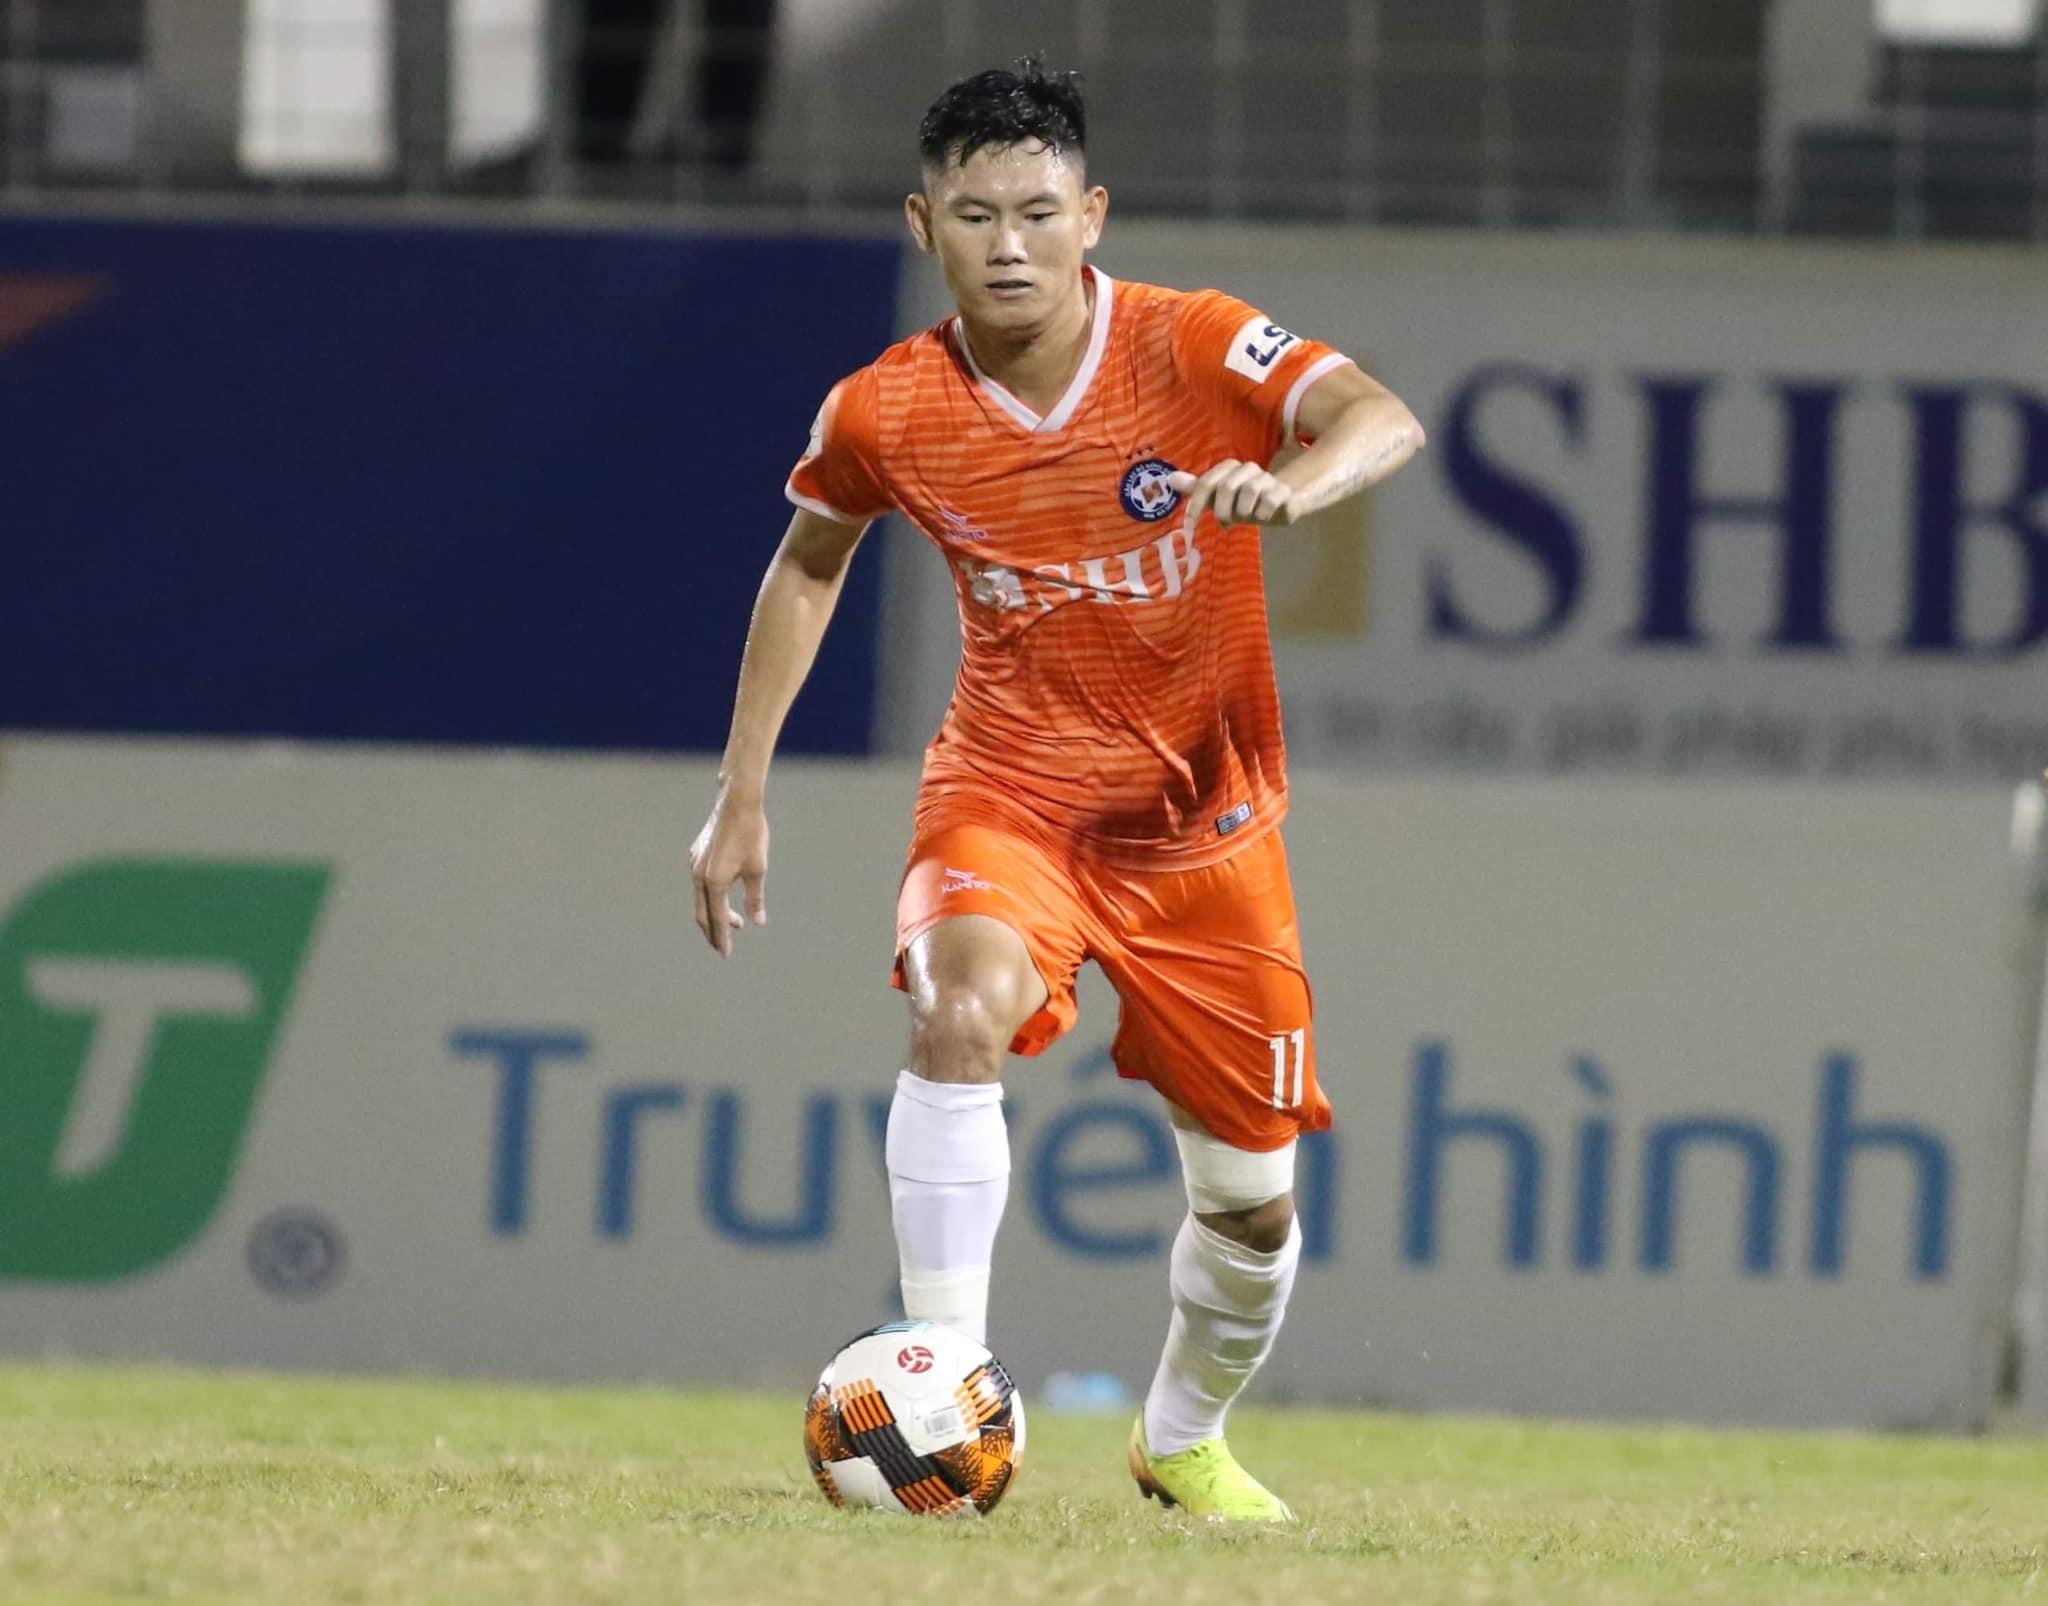 Điểm danh những gương mặt mới nổi của đội tuyển Việt Nam dưới thời HLV Park Hang-seo - ảnh 12